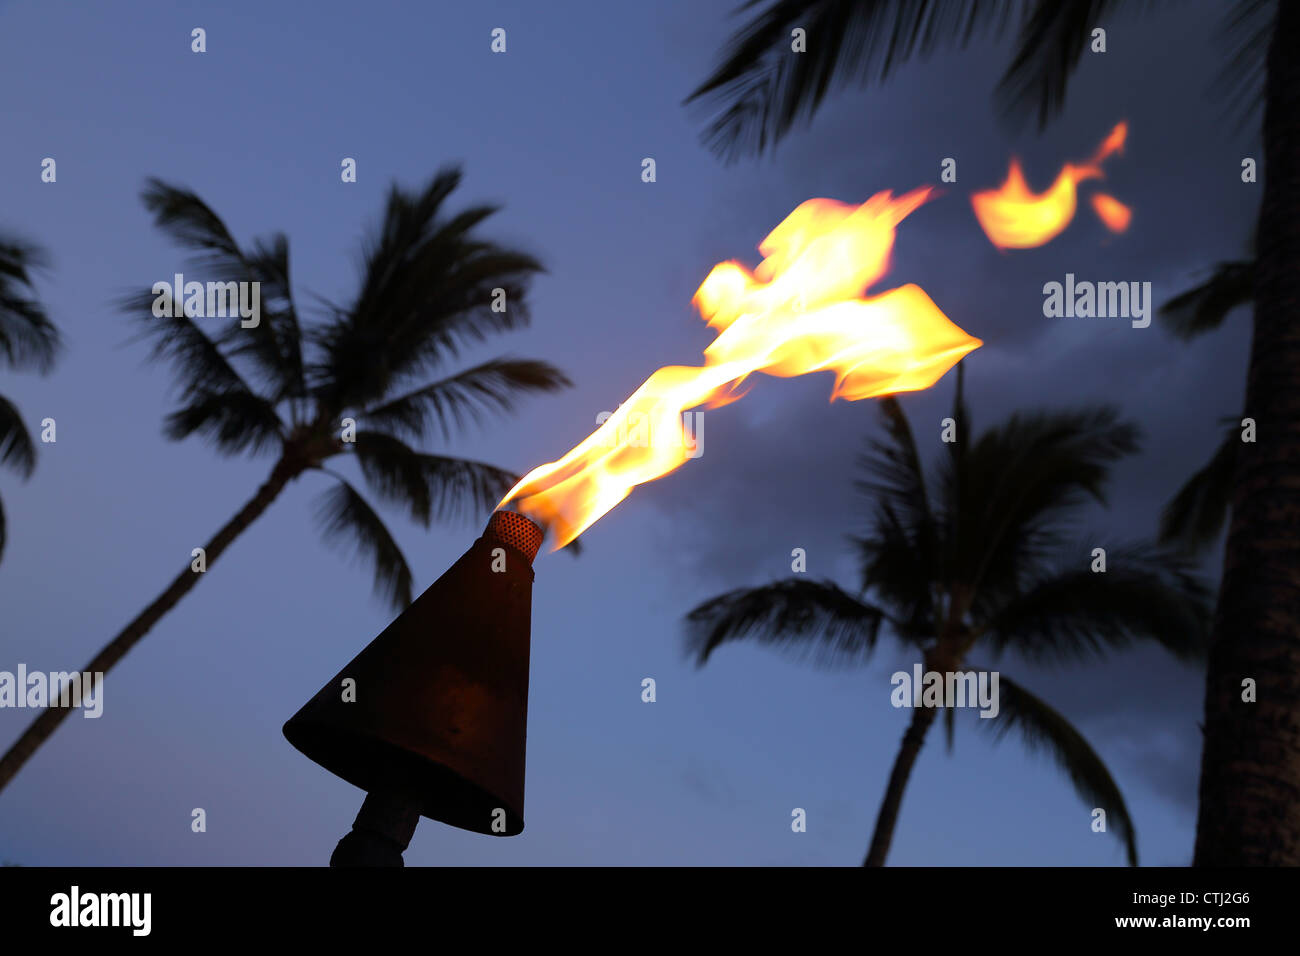 Torche enflammée et de palmiers la nuit, New York Photo Stock